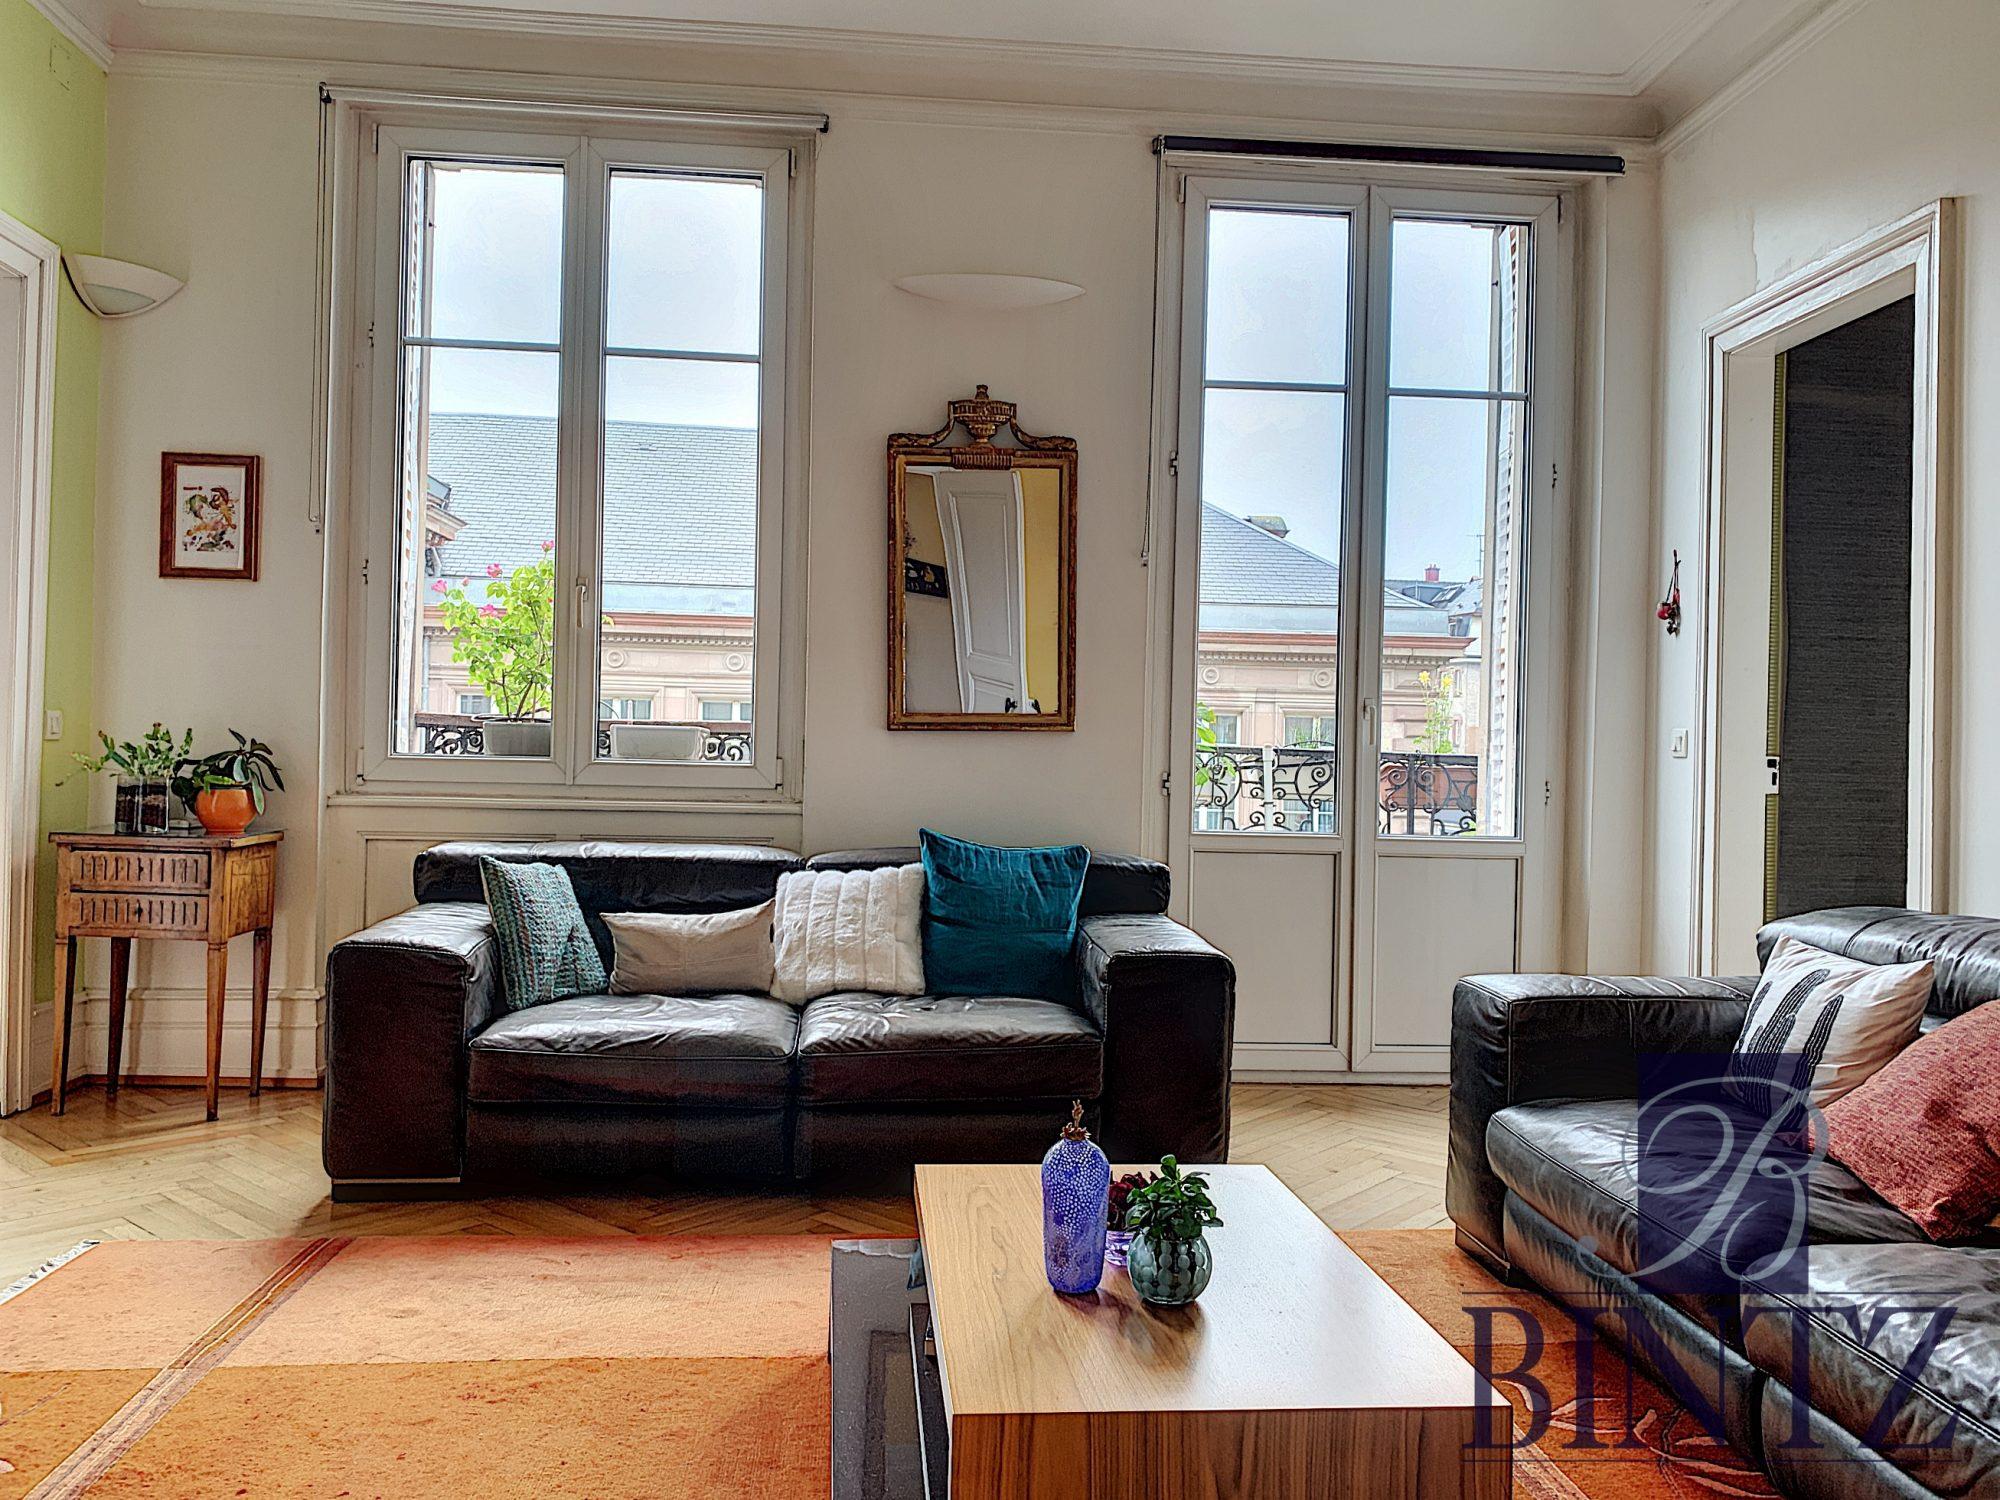 Ensemble de 2 appartements NEUSTADT - Devenez locataire en toute sérénité - Bintz Immobilier - 2